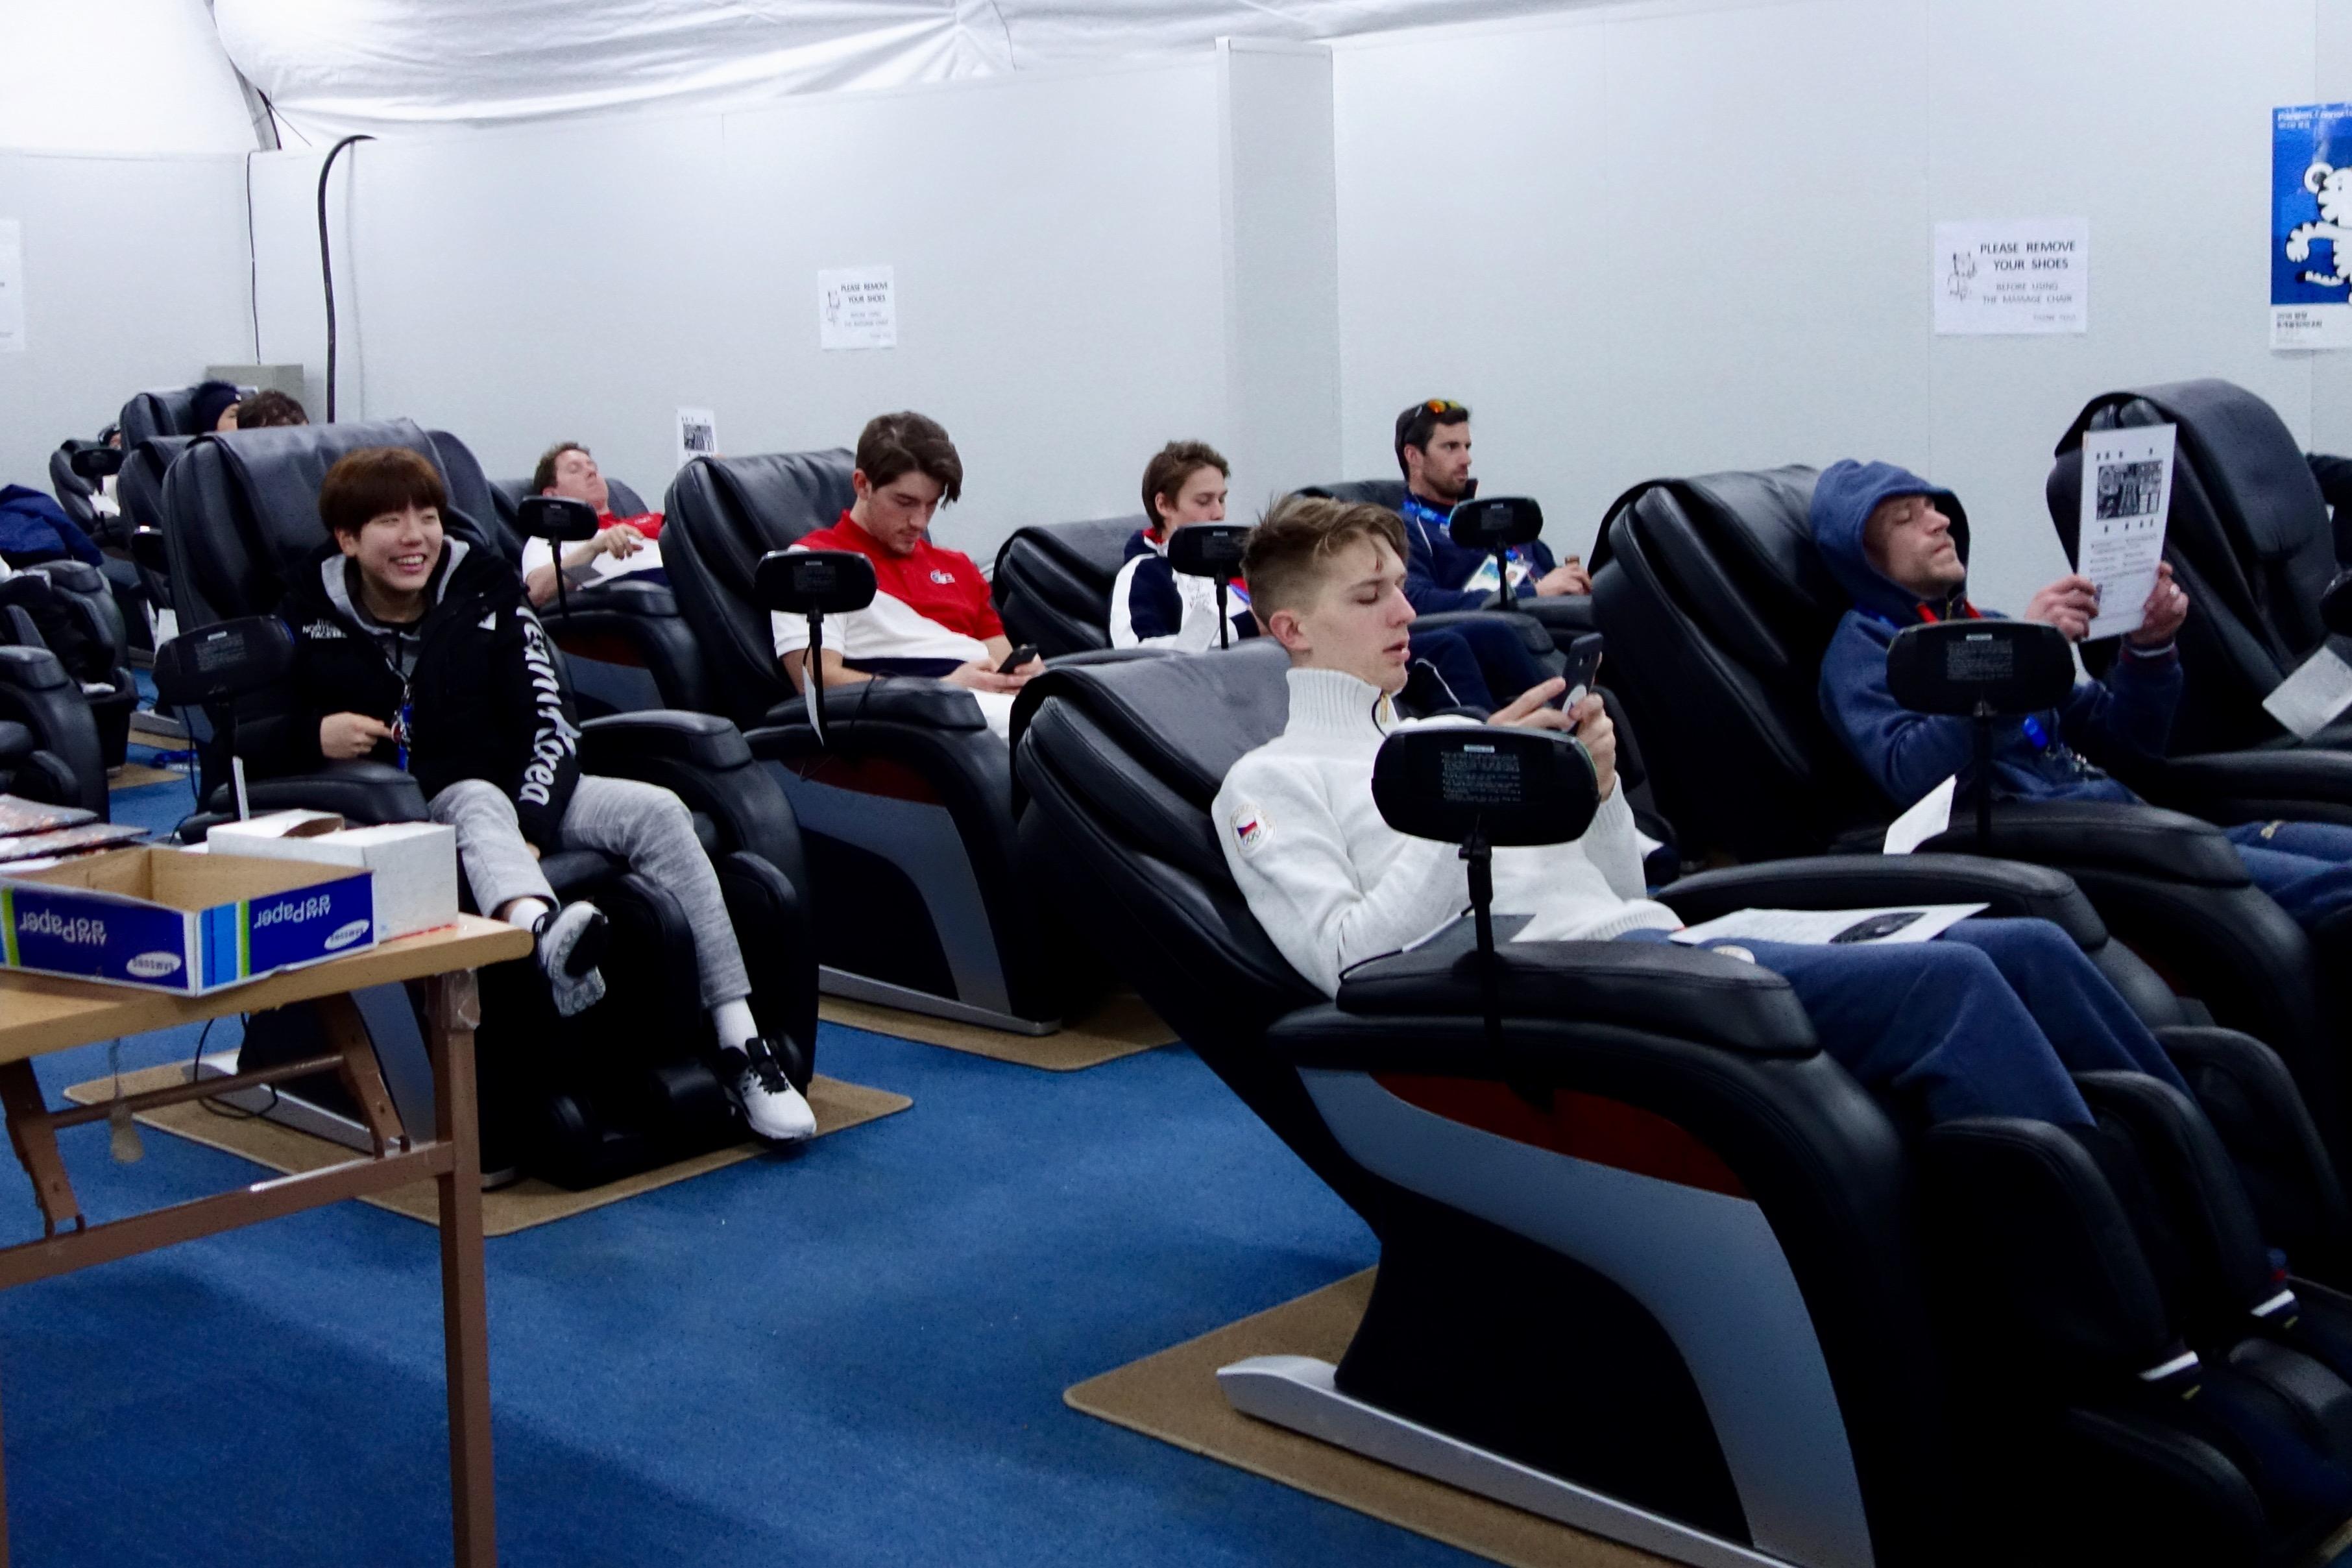 Les athlètes peuvent profiter de fauteuils massants.